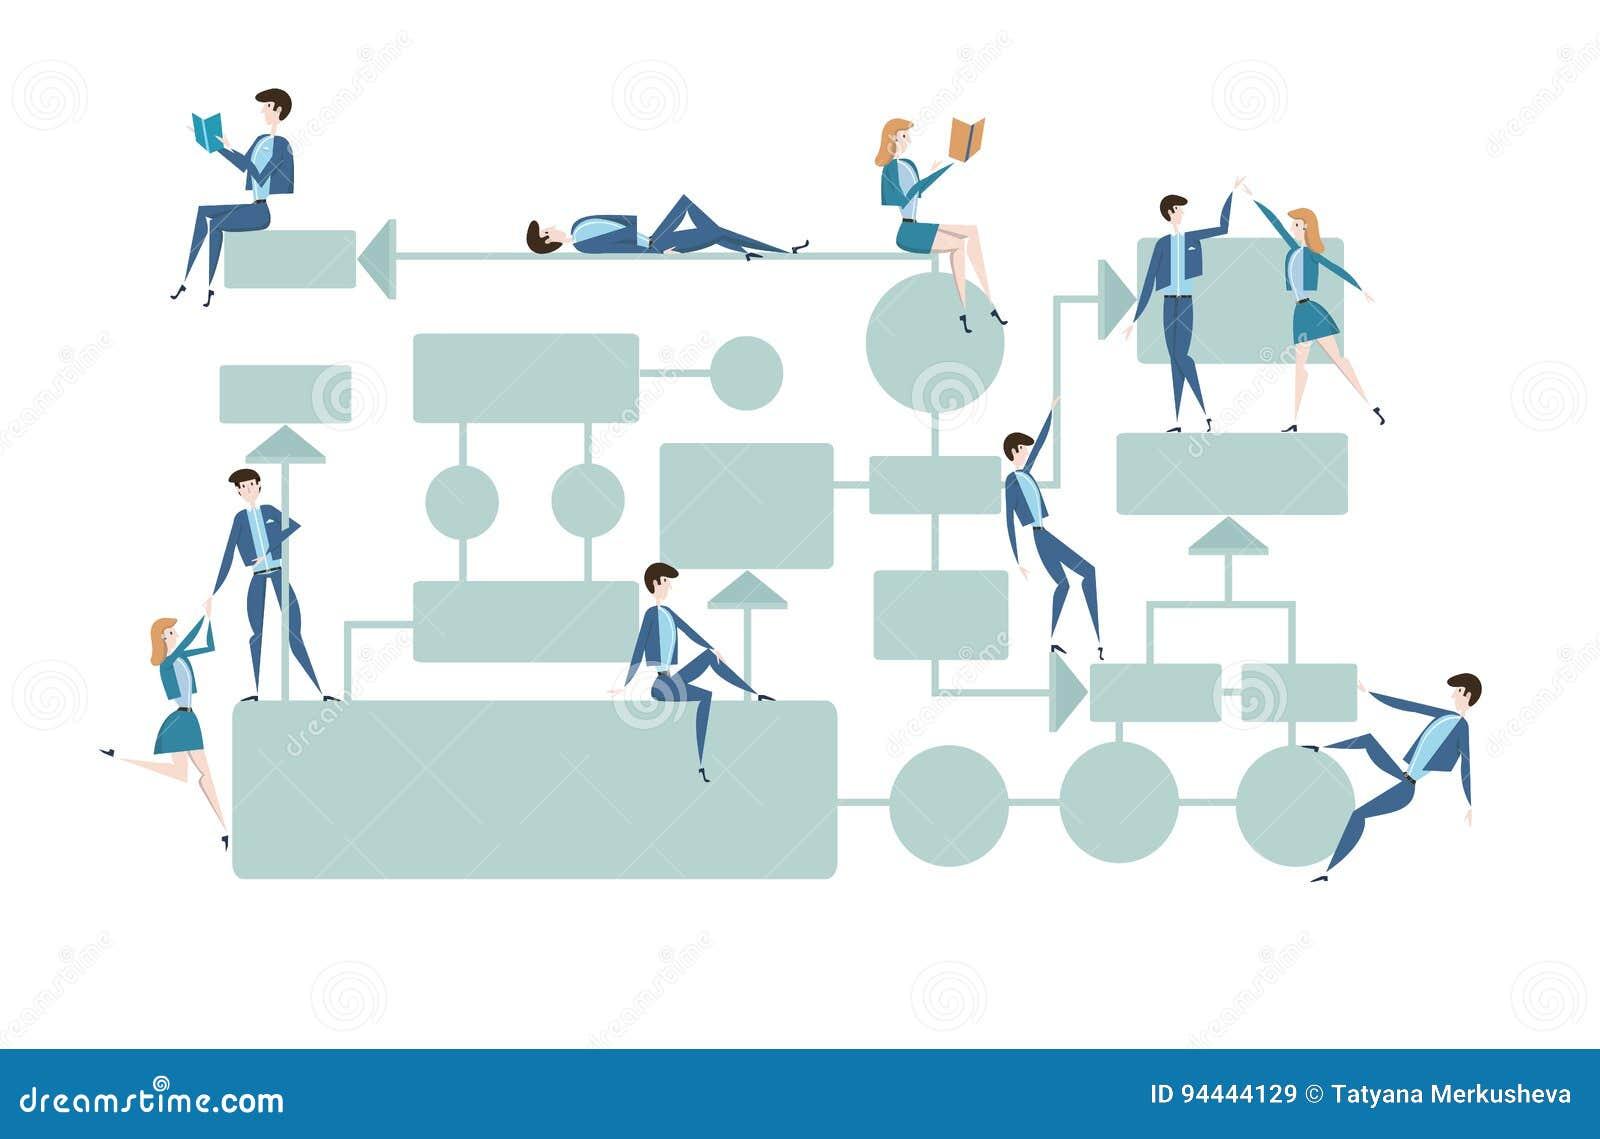 Biznesowy flowchart, zarządzanie procesami diagram z businessmans i businesswomans charaktery, Wektorowa ilustracja dalej